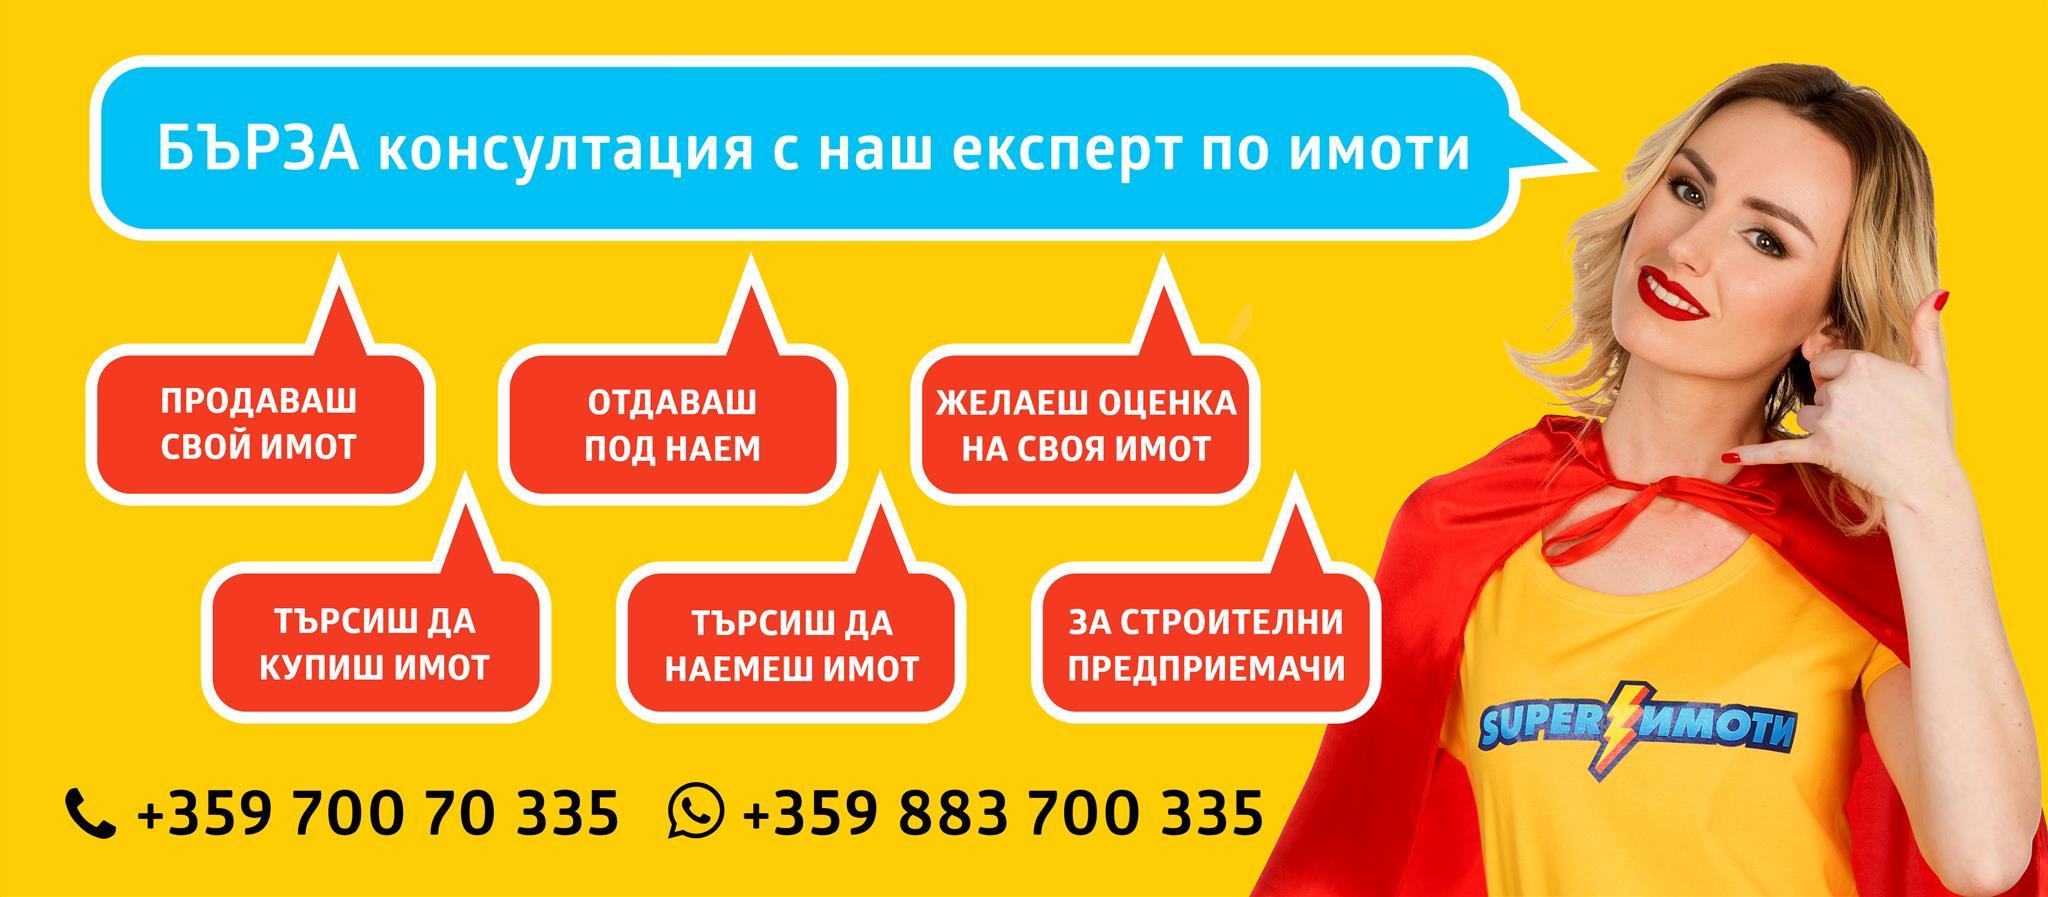 Имоти под наем във Варна Superimoti